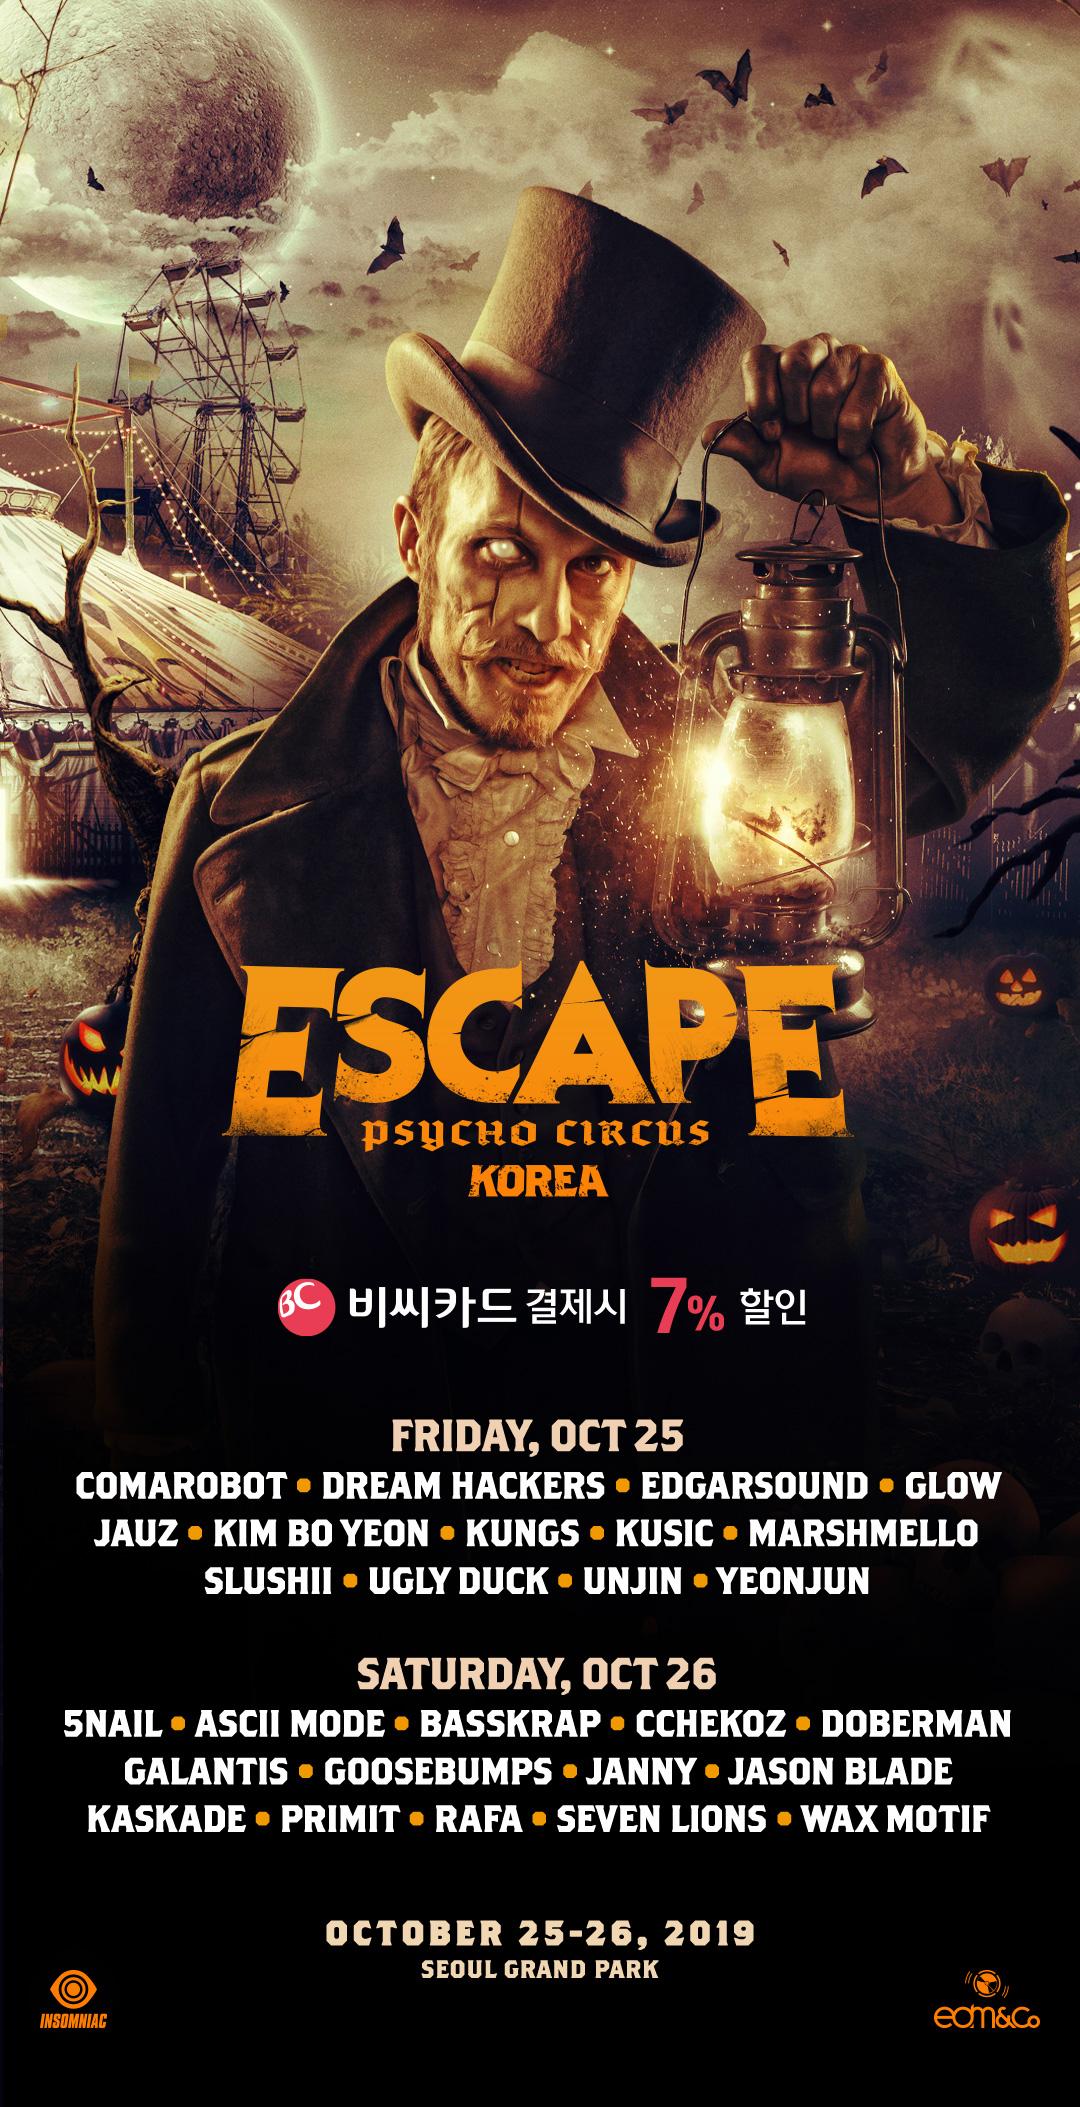 escape_brg.jpg